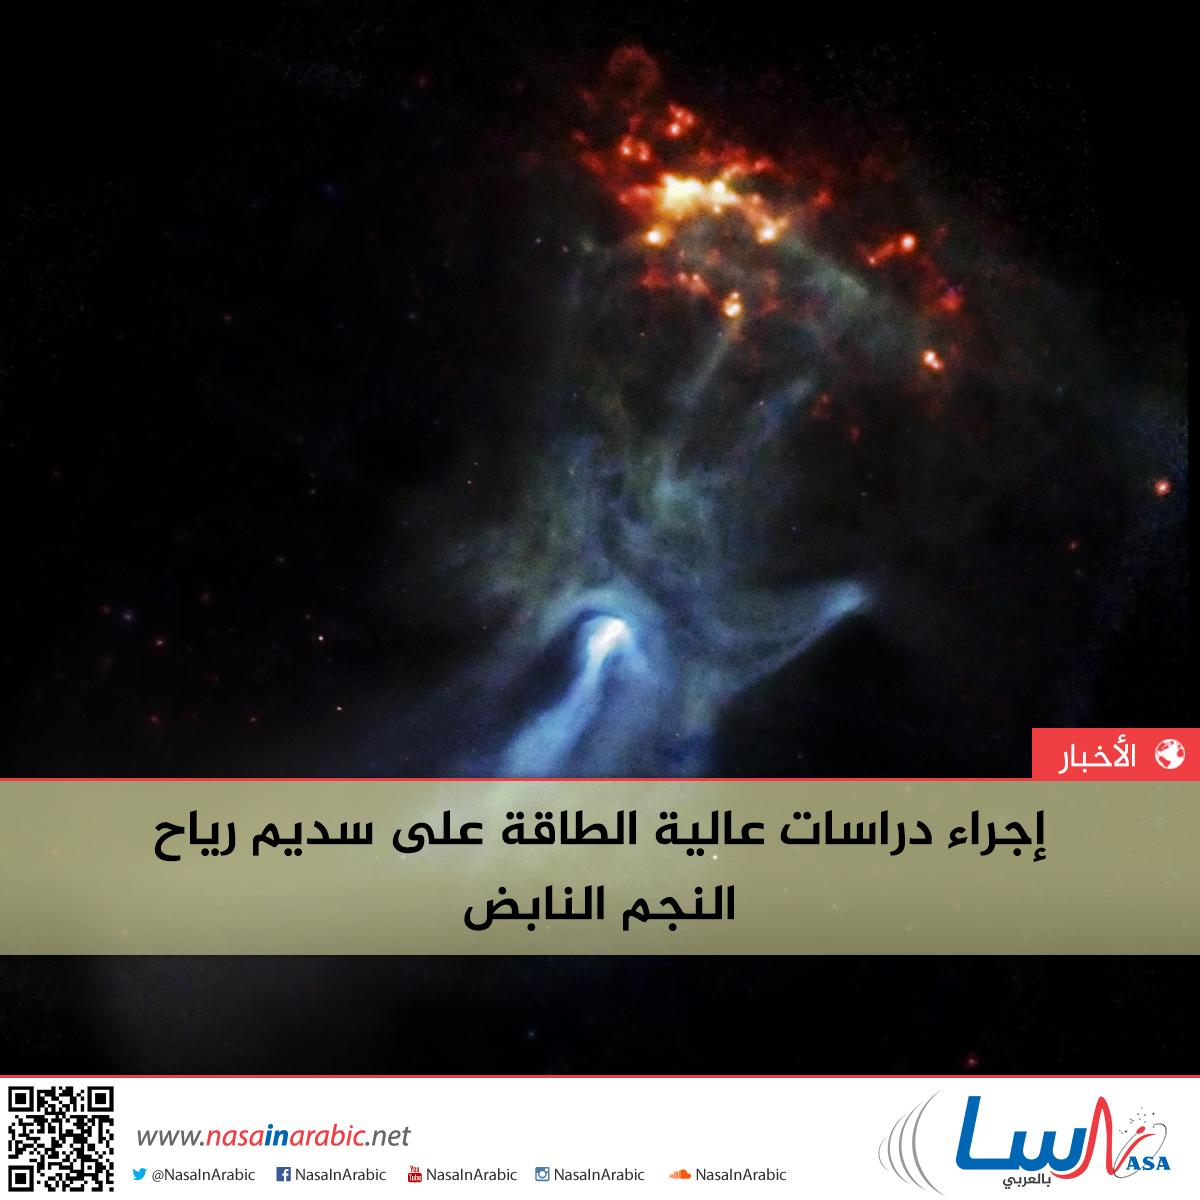 إجراء دراسات عالية الطاقة على سديم رياح النجم النابض